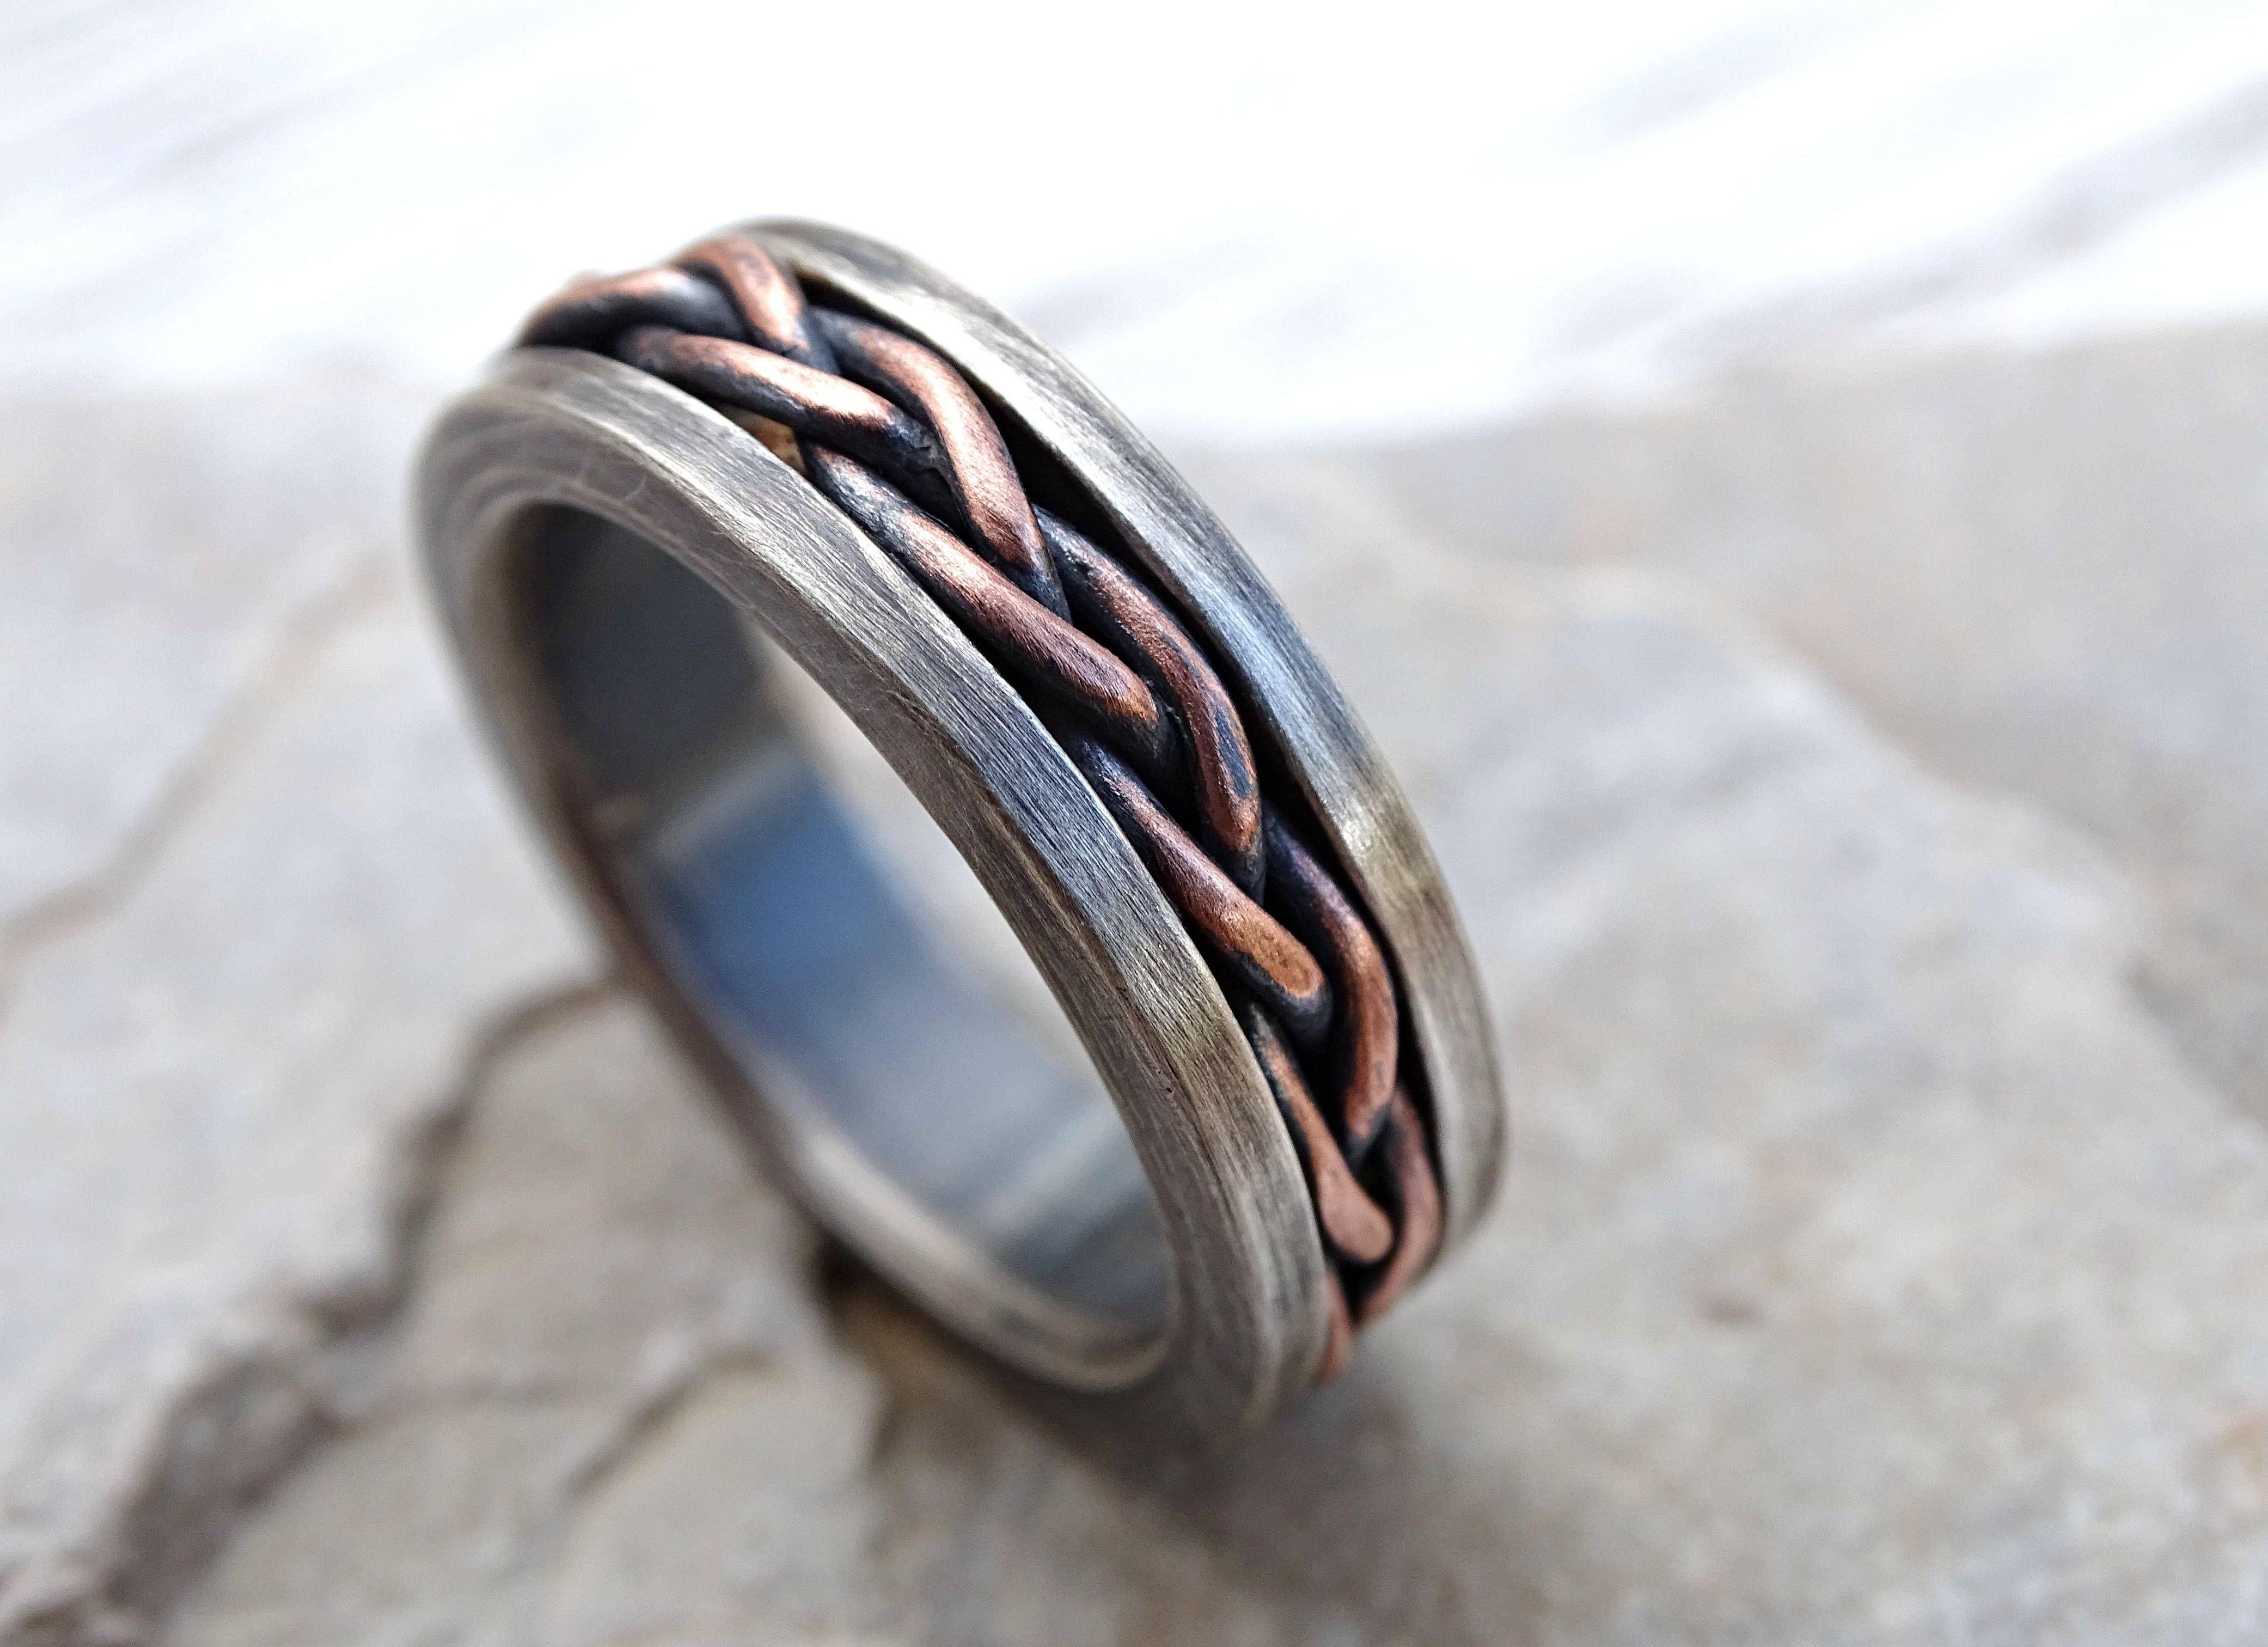 15 Ideen Die Wikinger Hochzeit Bands Verlobungsringe